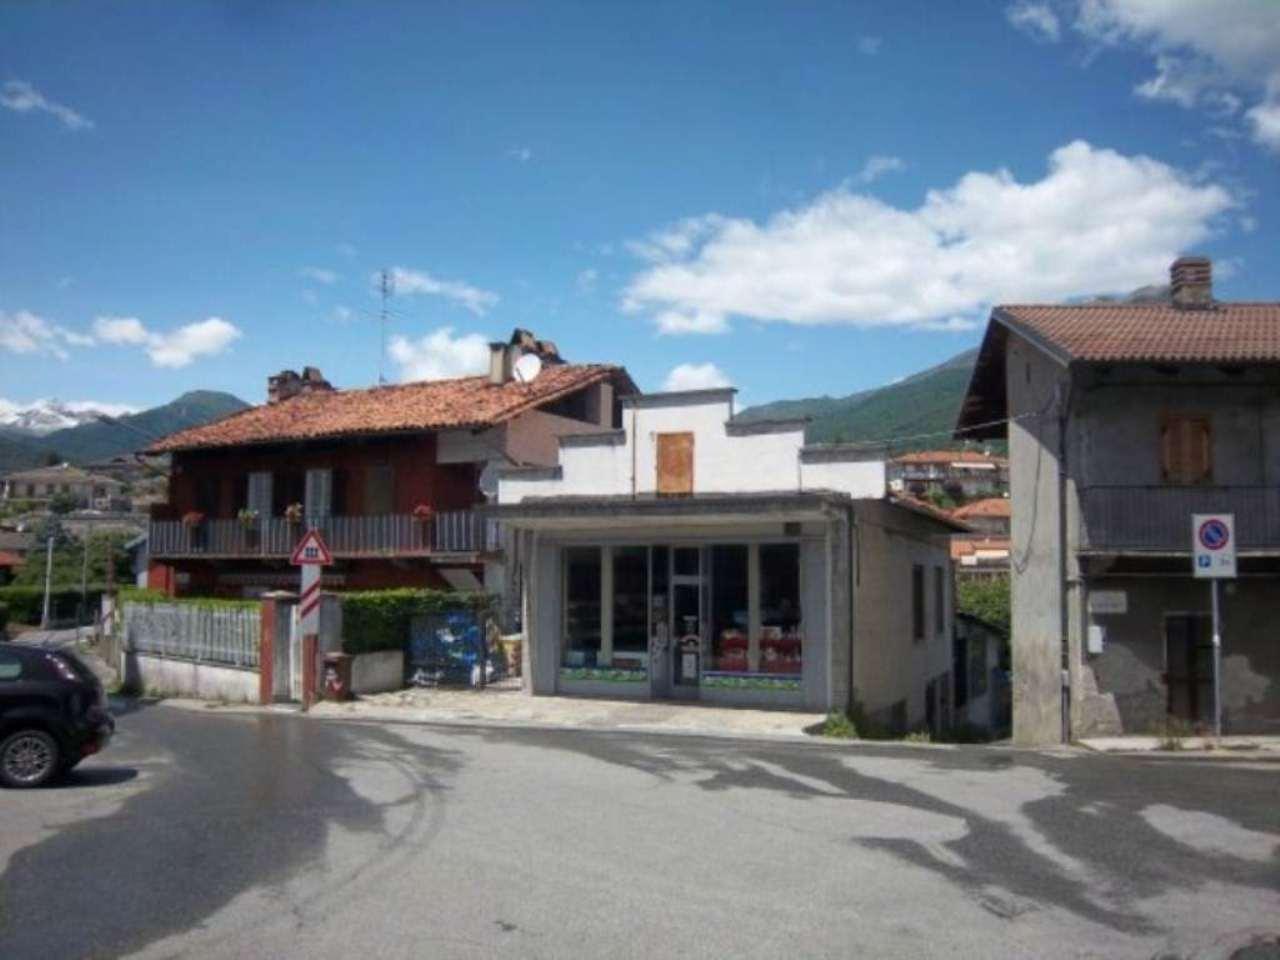 Negozio / Locale in vendita a Cuorgnè, 2 locali, prezzo € 27.000 | CambioCasa.it